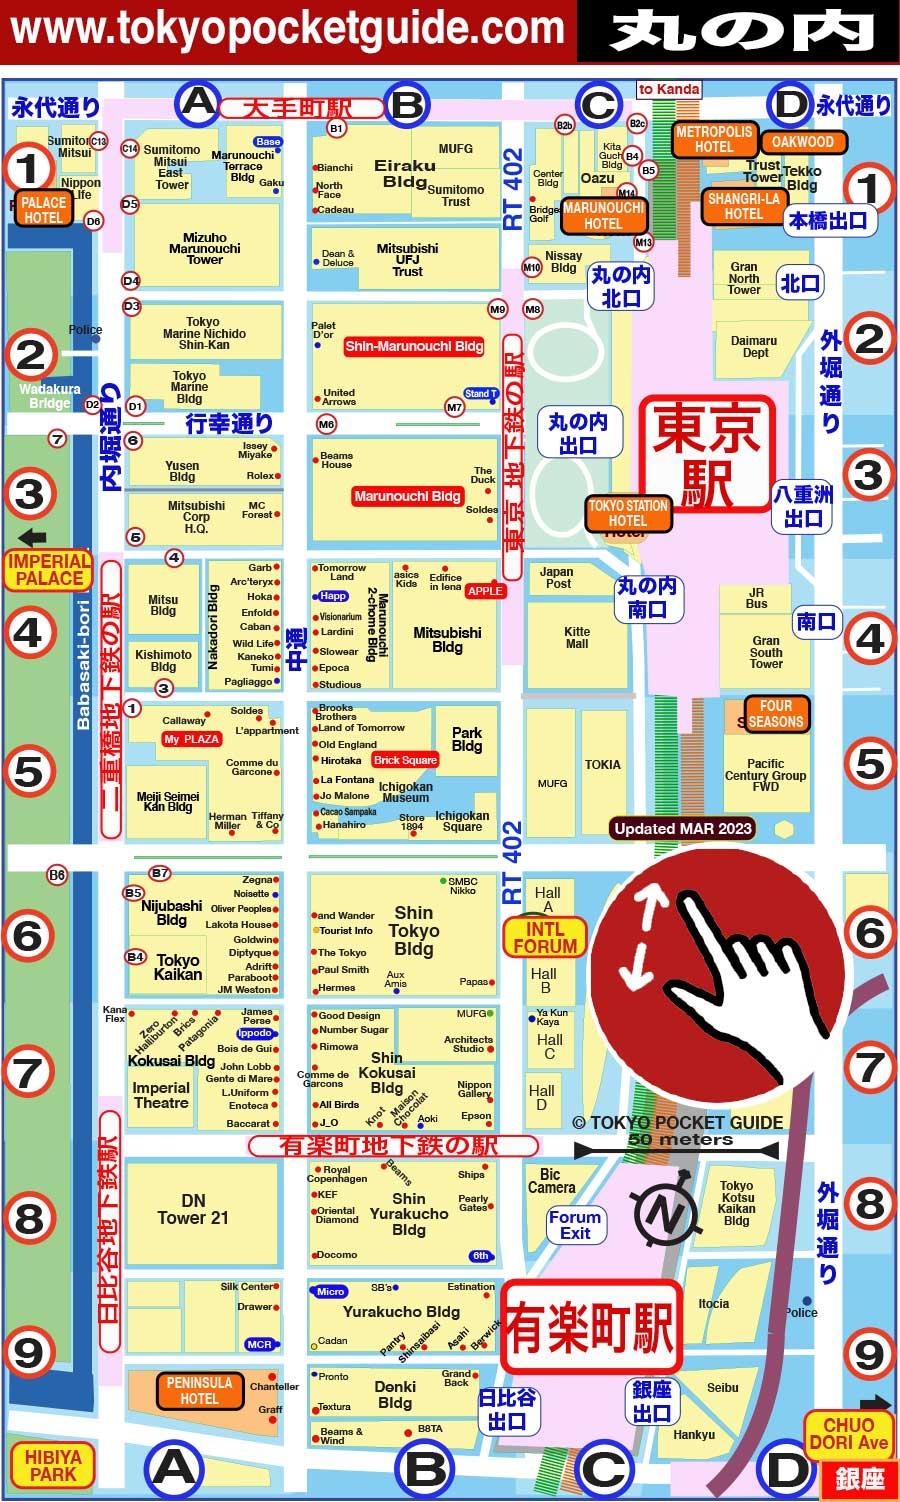 東京 丸の内 わかりやすい ショッピング マップ / 丸の内 地図 ...